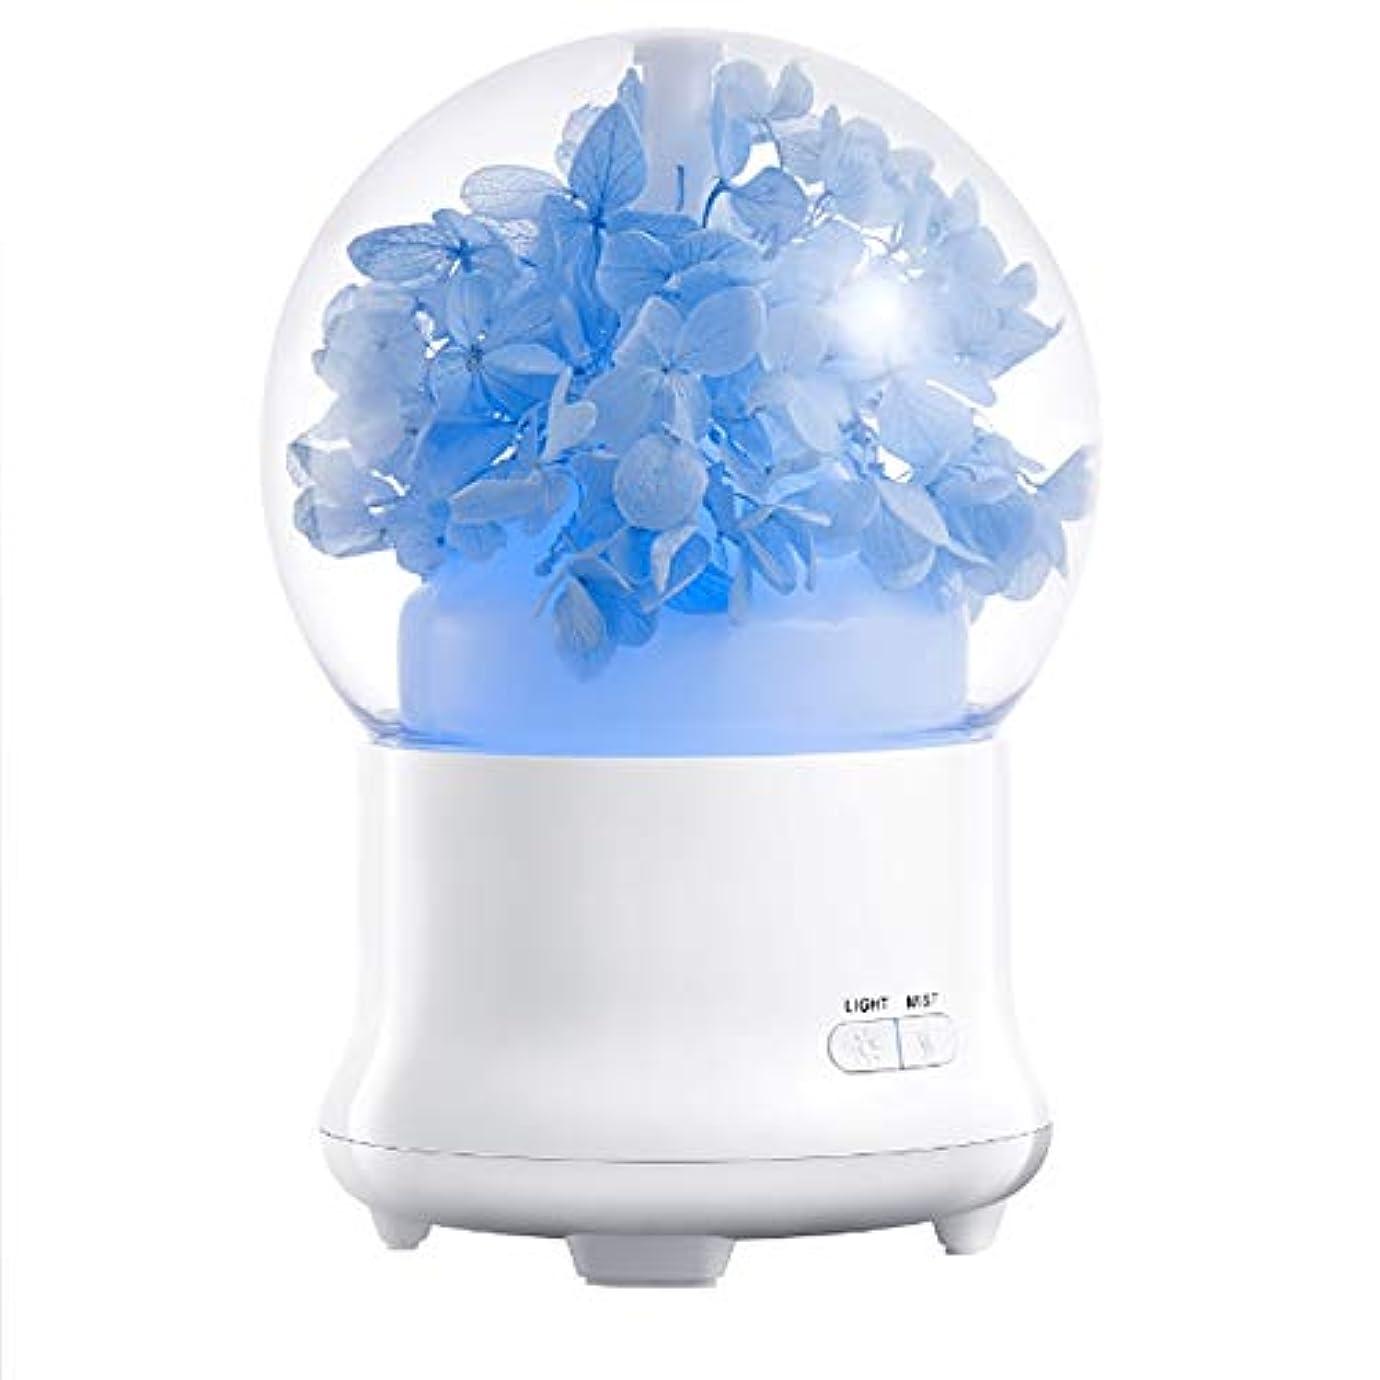 100ml 加湿器アロマセラピーマシン永遠の花クリーンエアタイマーと自動オフ安全スイッチオフィスホームベッドルームリビングルームスタディヨガスパ USB 充電,1